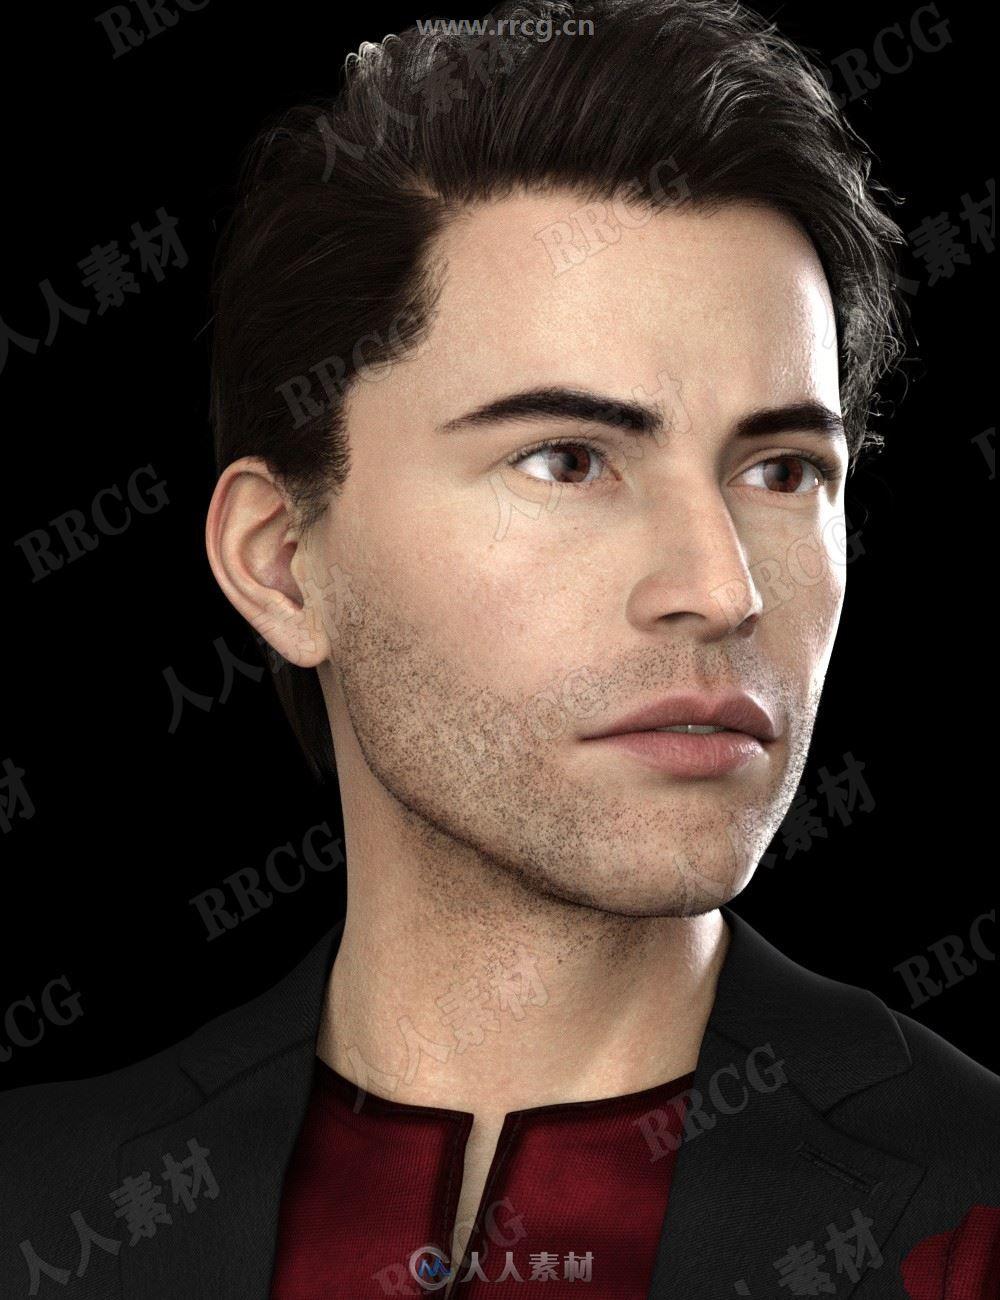 精致五官身材具有眉毛细节男性雕刻角色3D模型合集